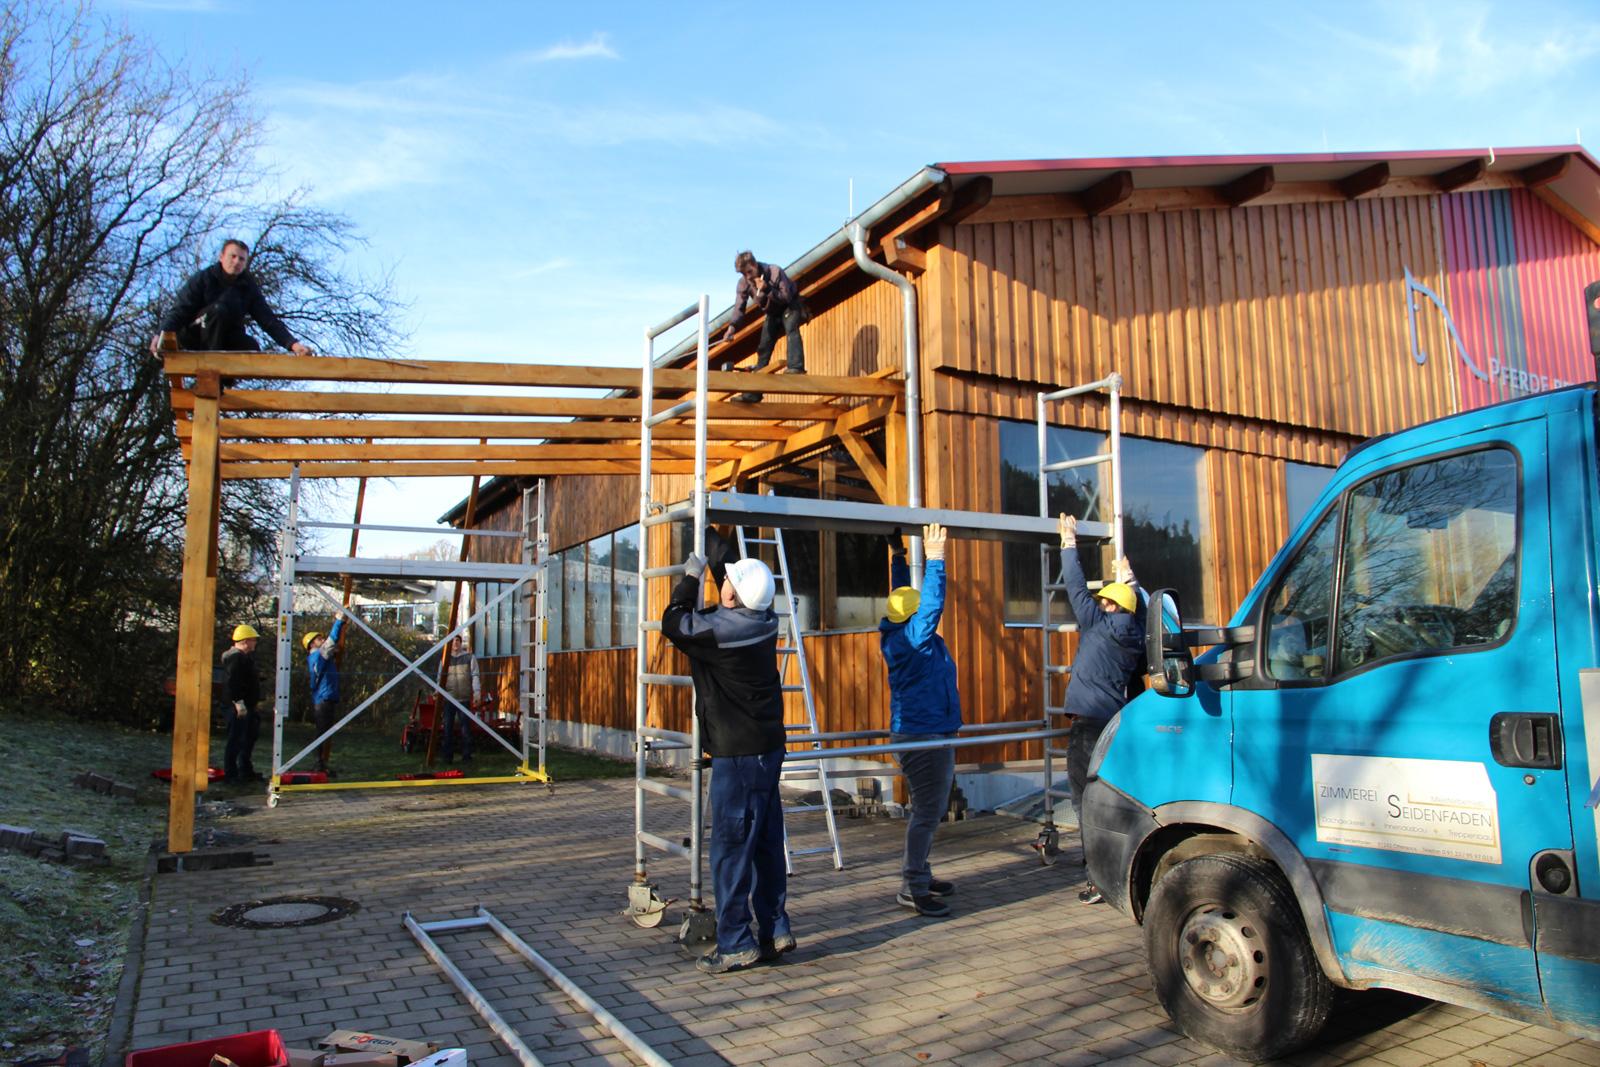 Die Zimmerei Seidenfade aus Ottensoos unterstützte die Lerngruppe bei der Errichtung des Carports .